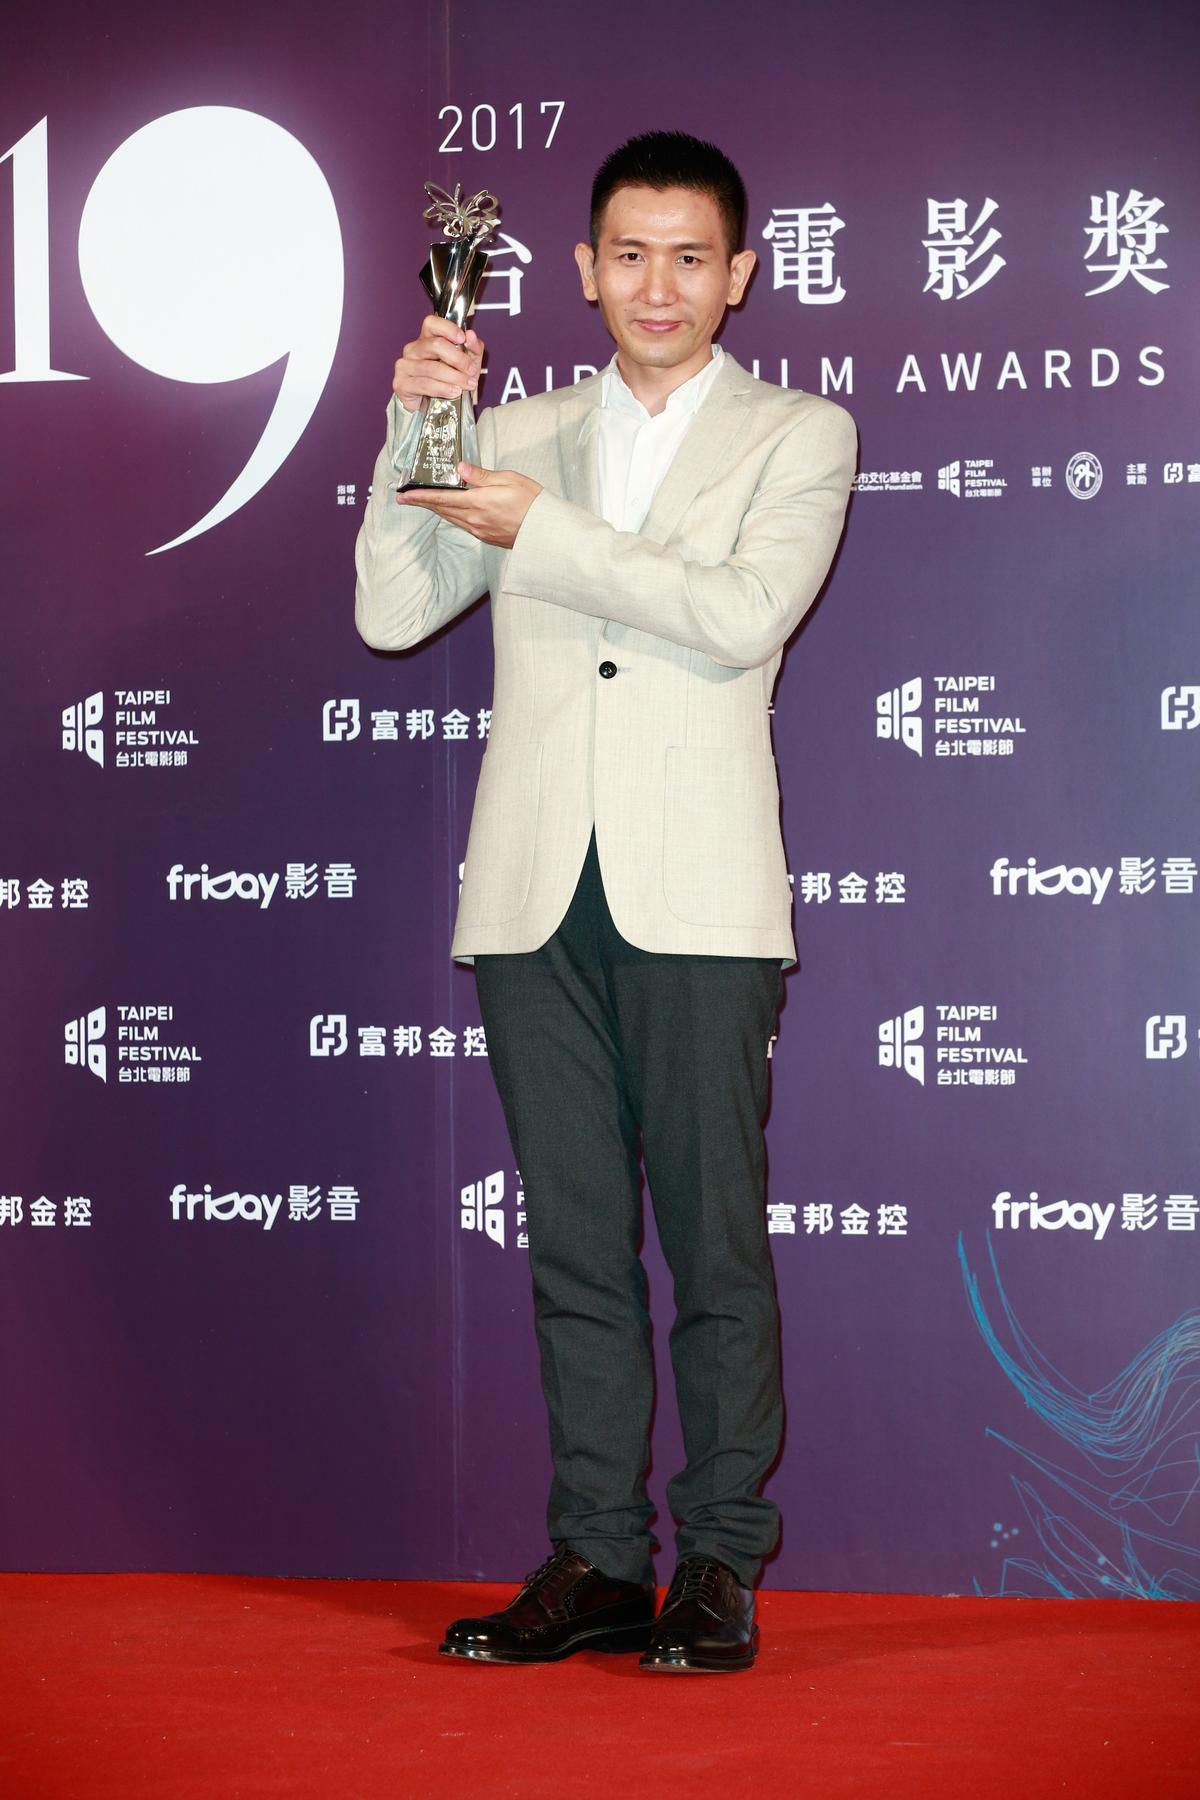 導演趙德胤以《再見瓦城》得到媒體推薦獎。